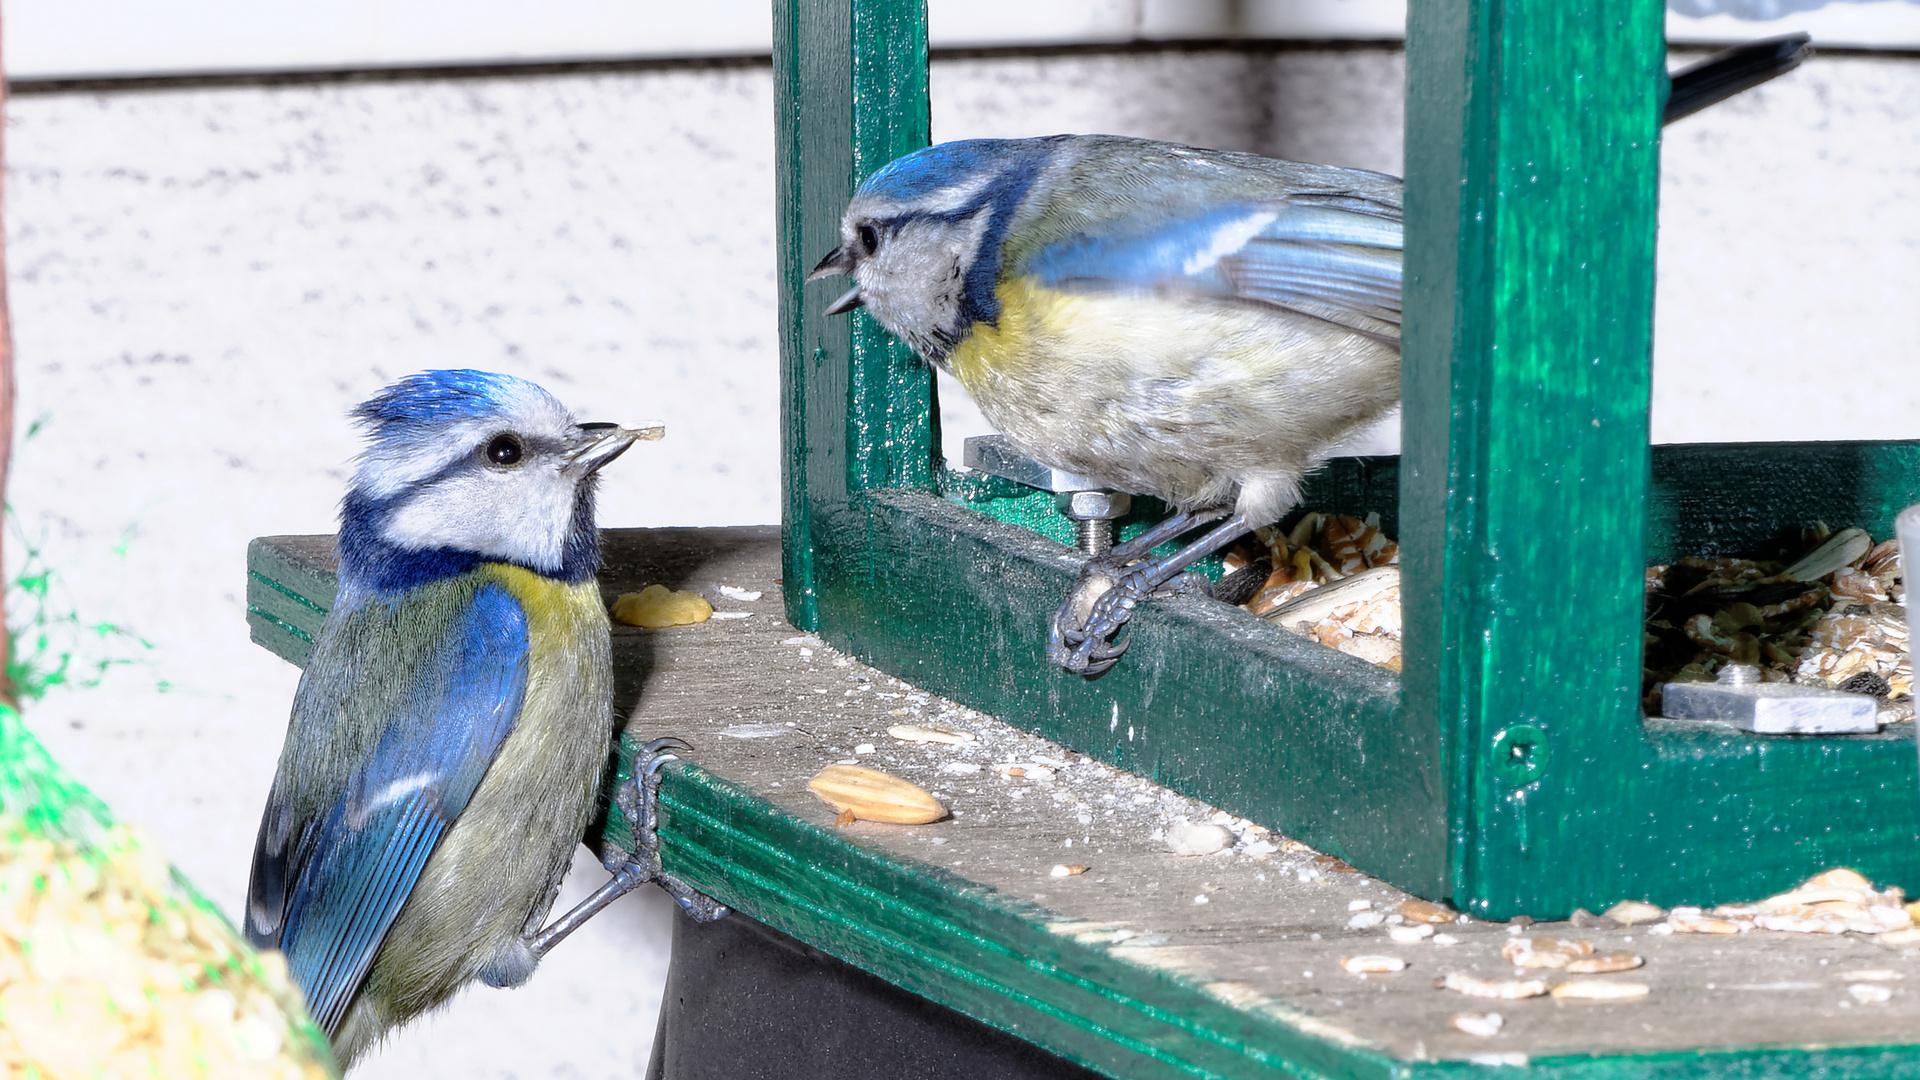 Blaumeisenpaar am Vogelhaus